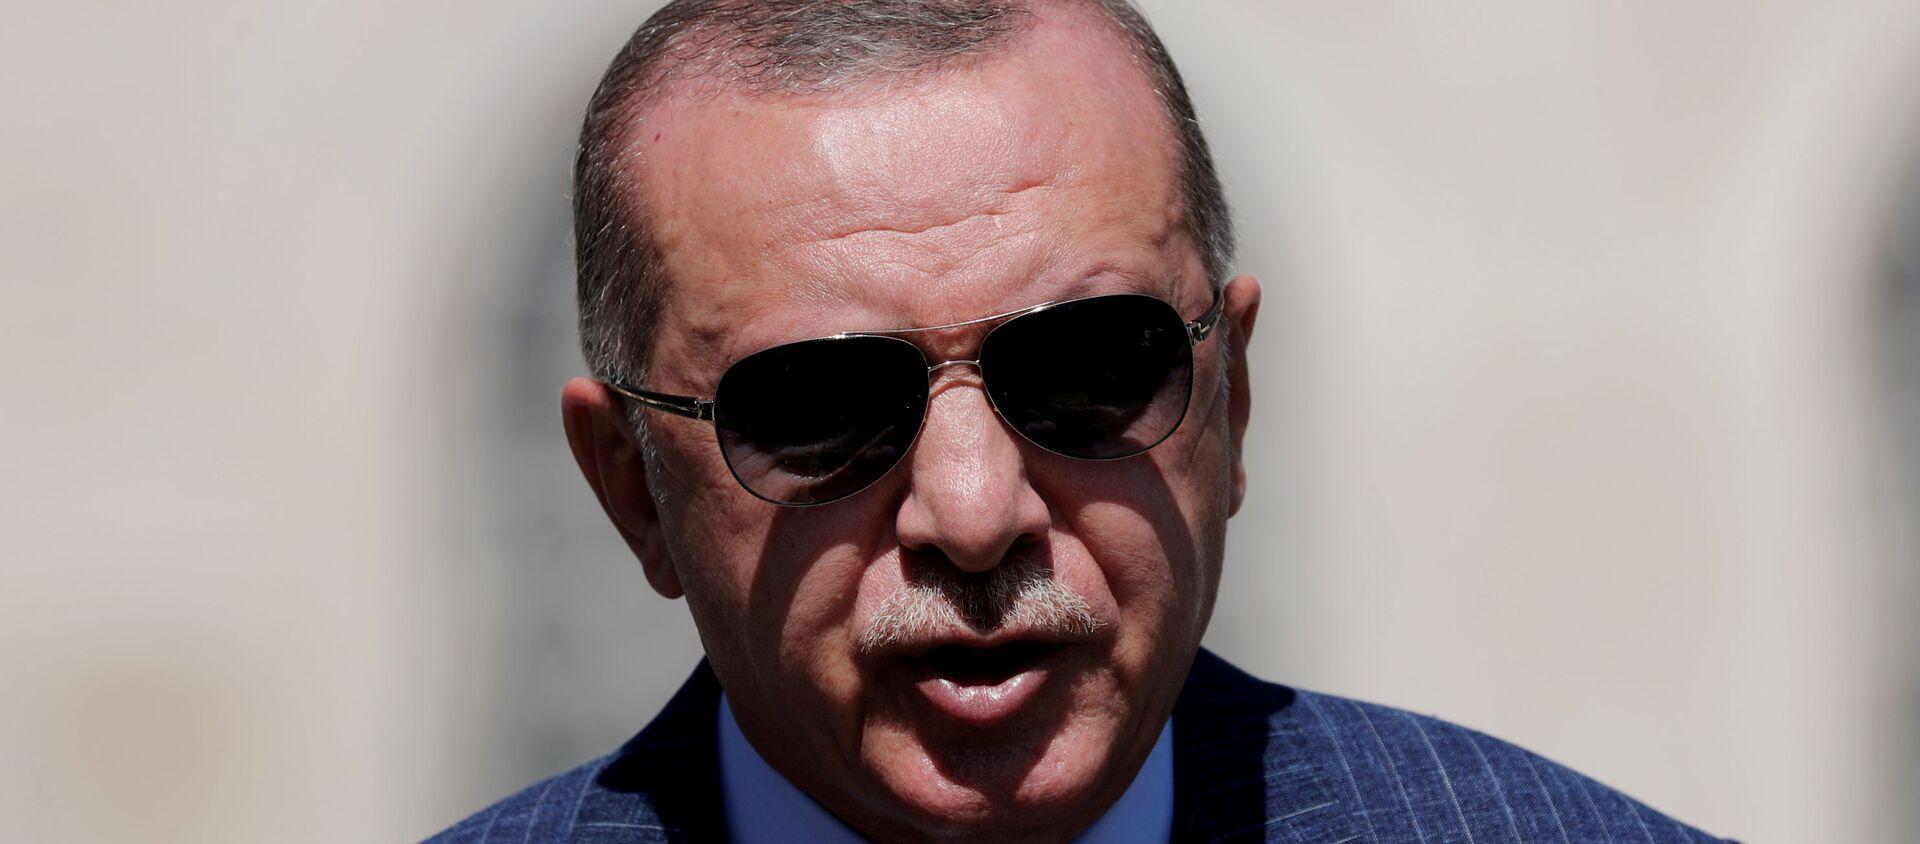 Recep Tayyip Erdogan, presidente de Turquía  - Sputnik Mundo, 1920, 19.10.2020